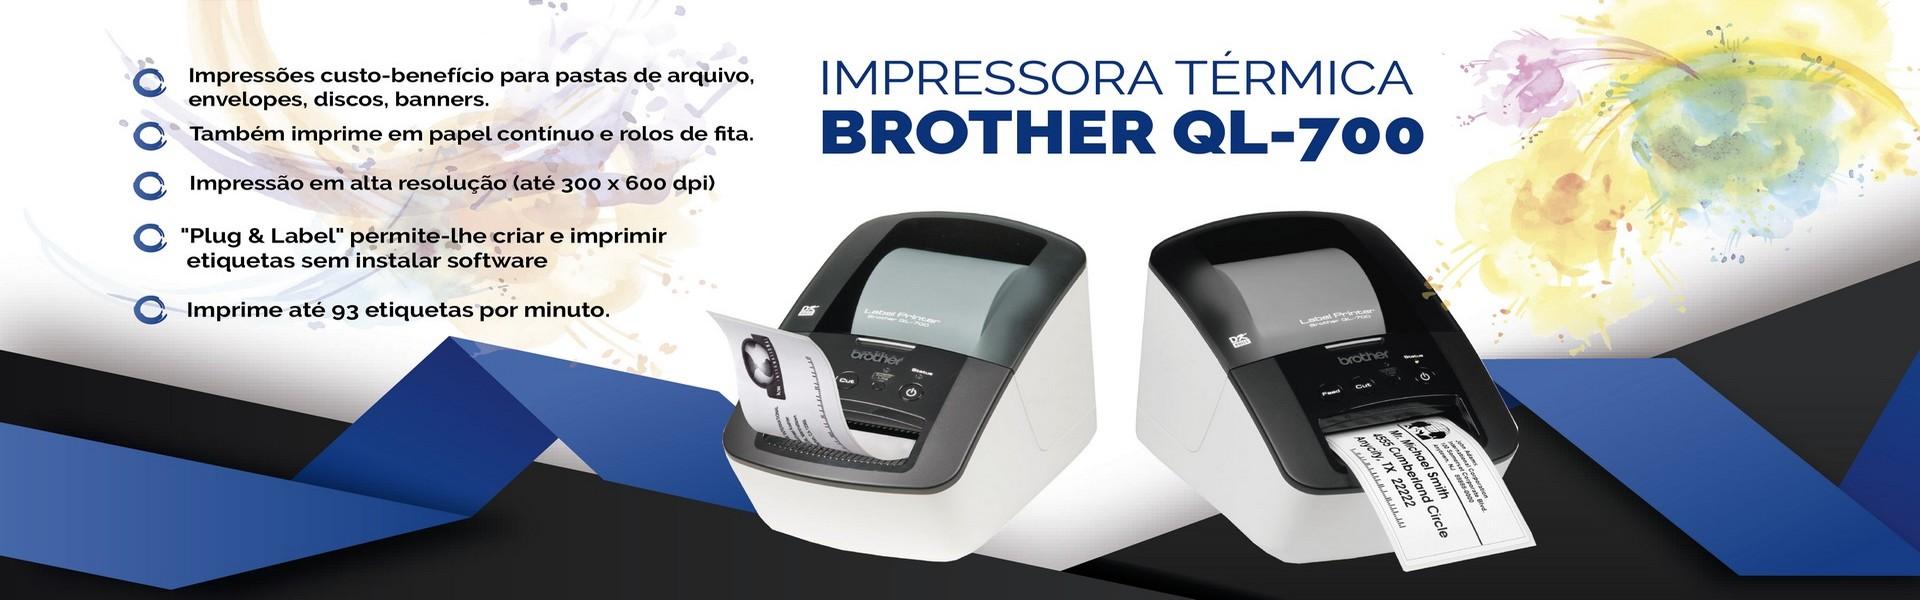 Impressoras Térmicas Brother